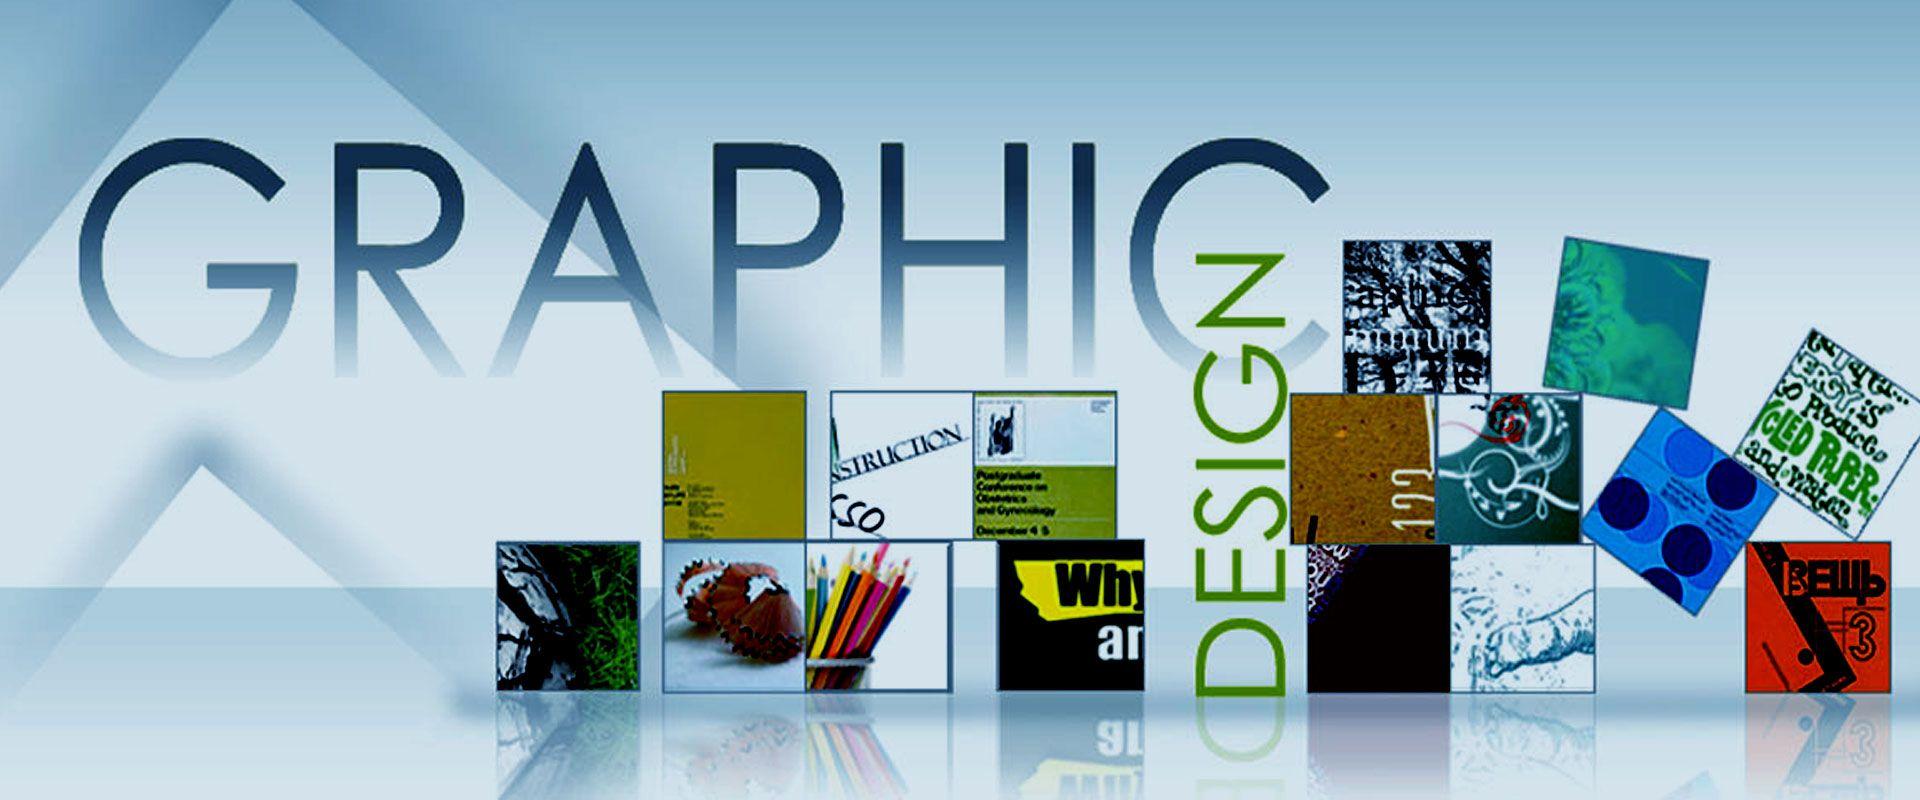 Professional Graphic Design Professional Graphic Design Web Design Website Design